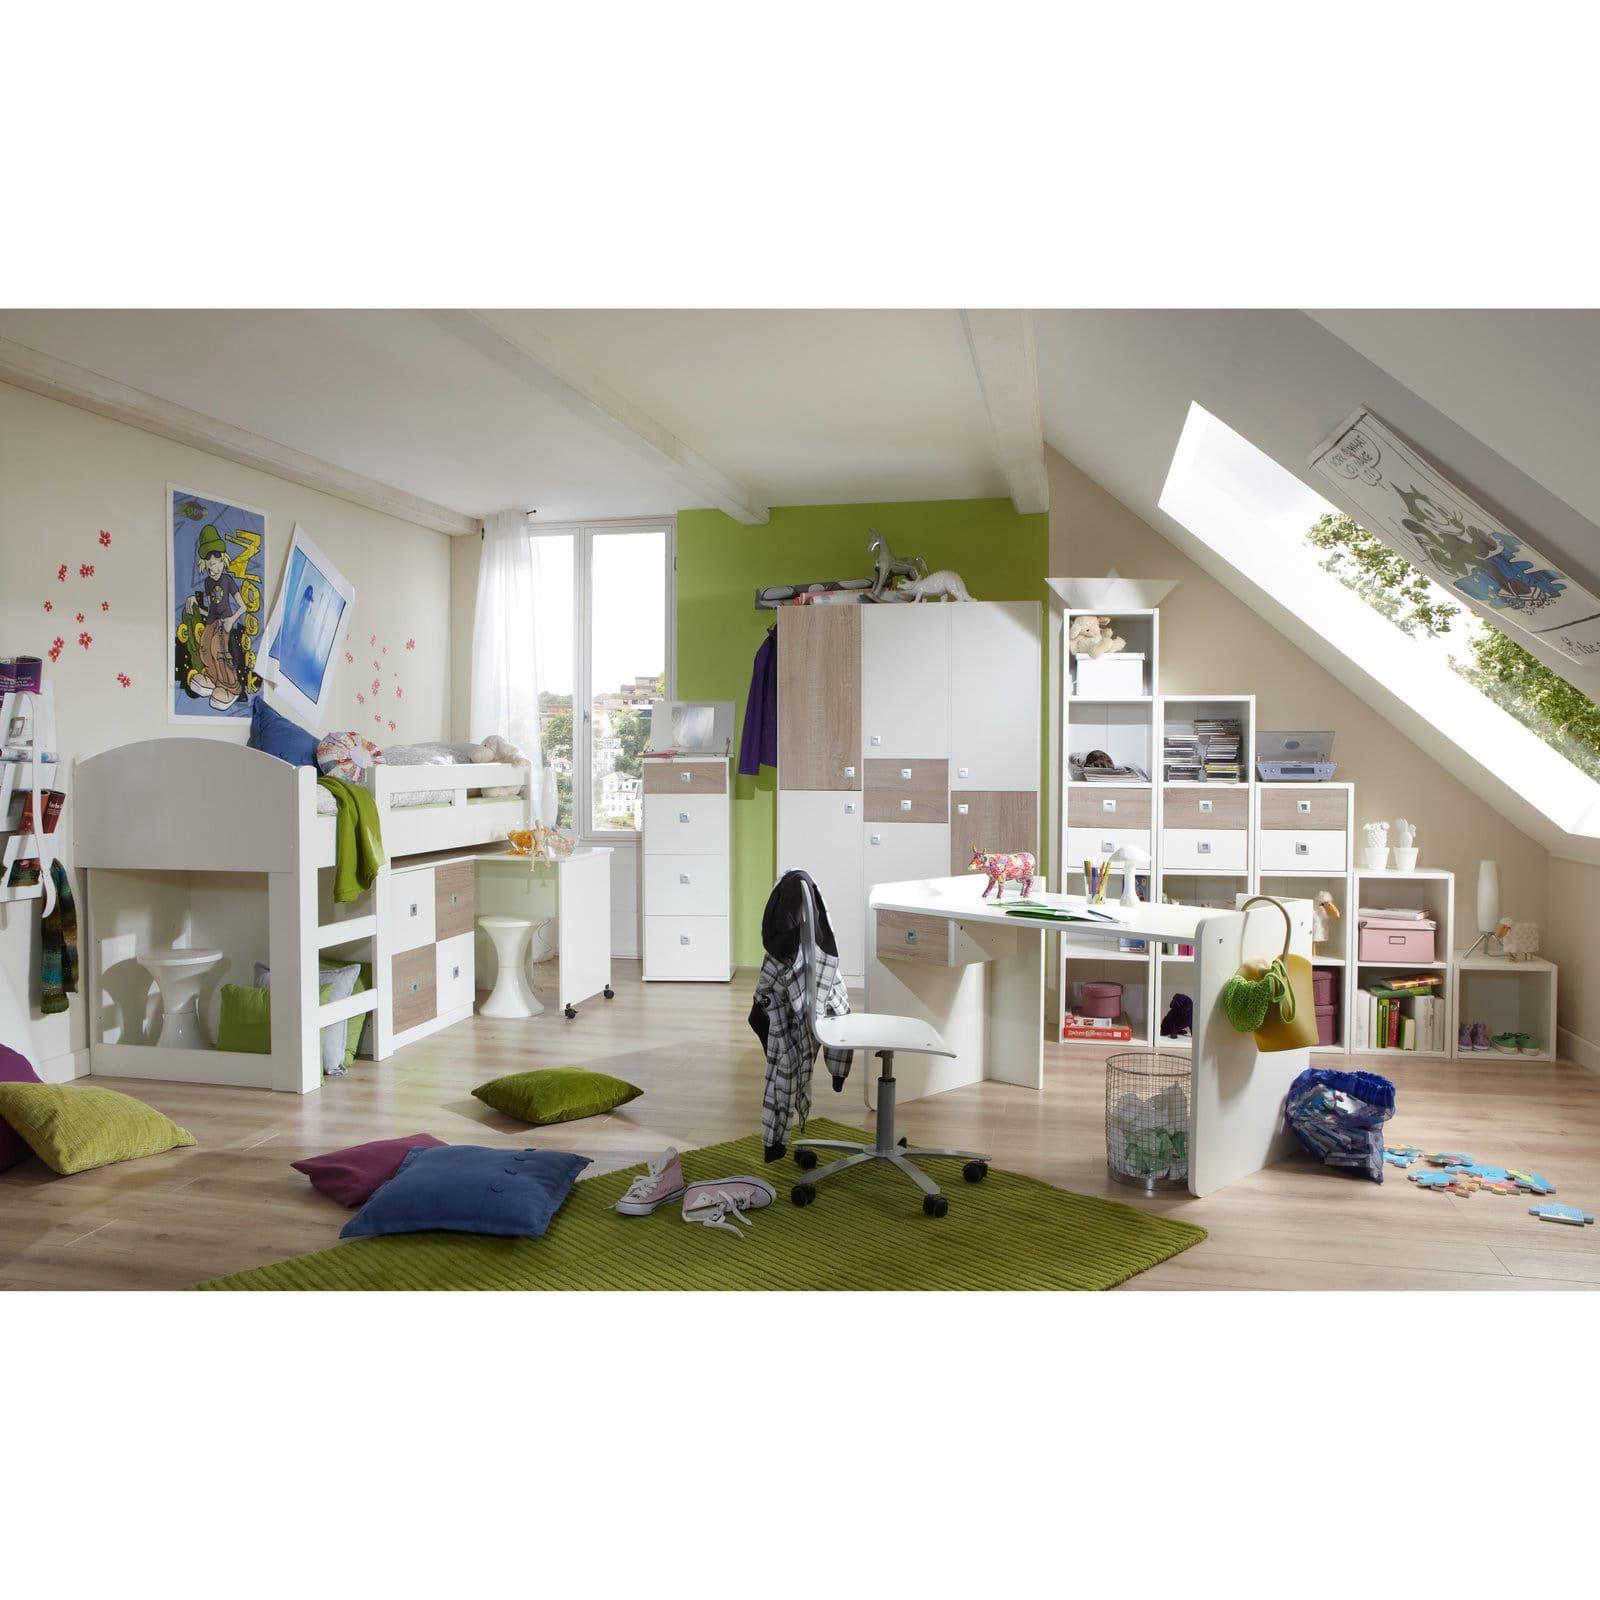 Schau Mal Was Ich Bei Roller Gefunden Habe Hochbett Alpinweiss Sonoma Eiche 204x127 Cm Jugendzimmer Kinderzimmer Mobel Kinder Zimmer